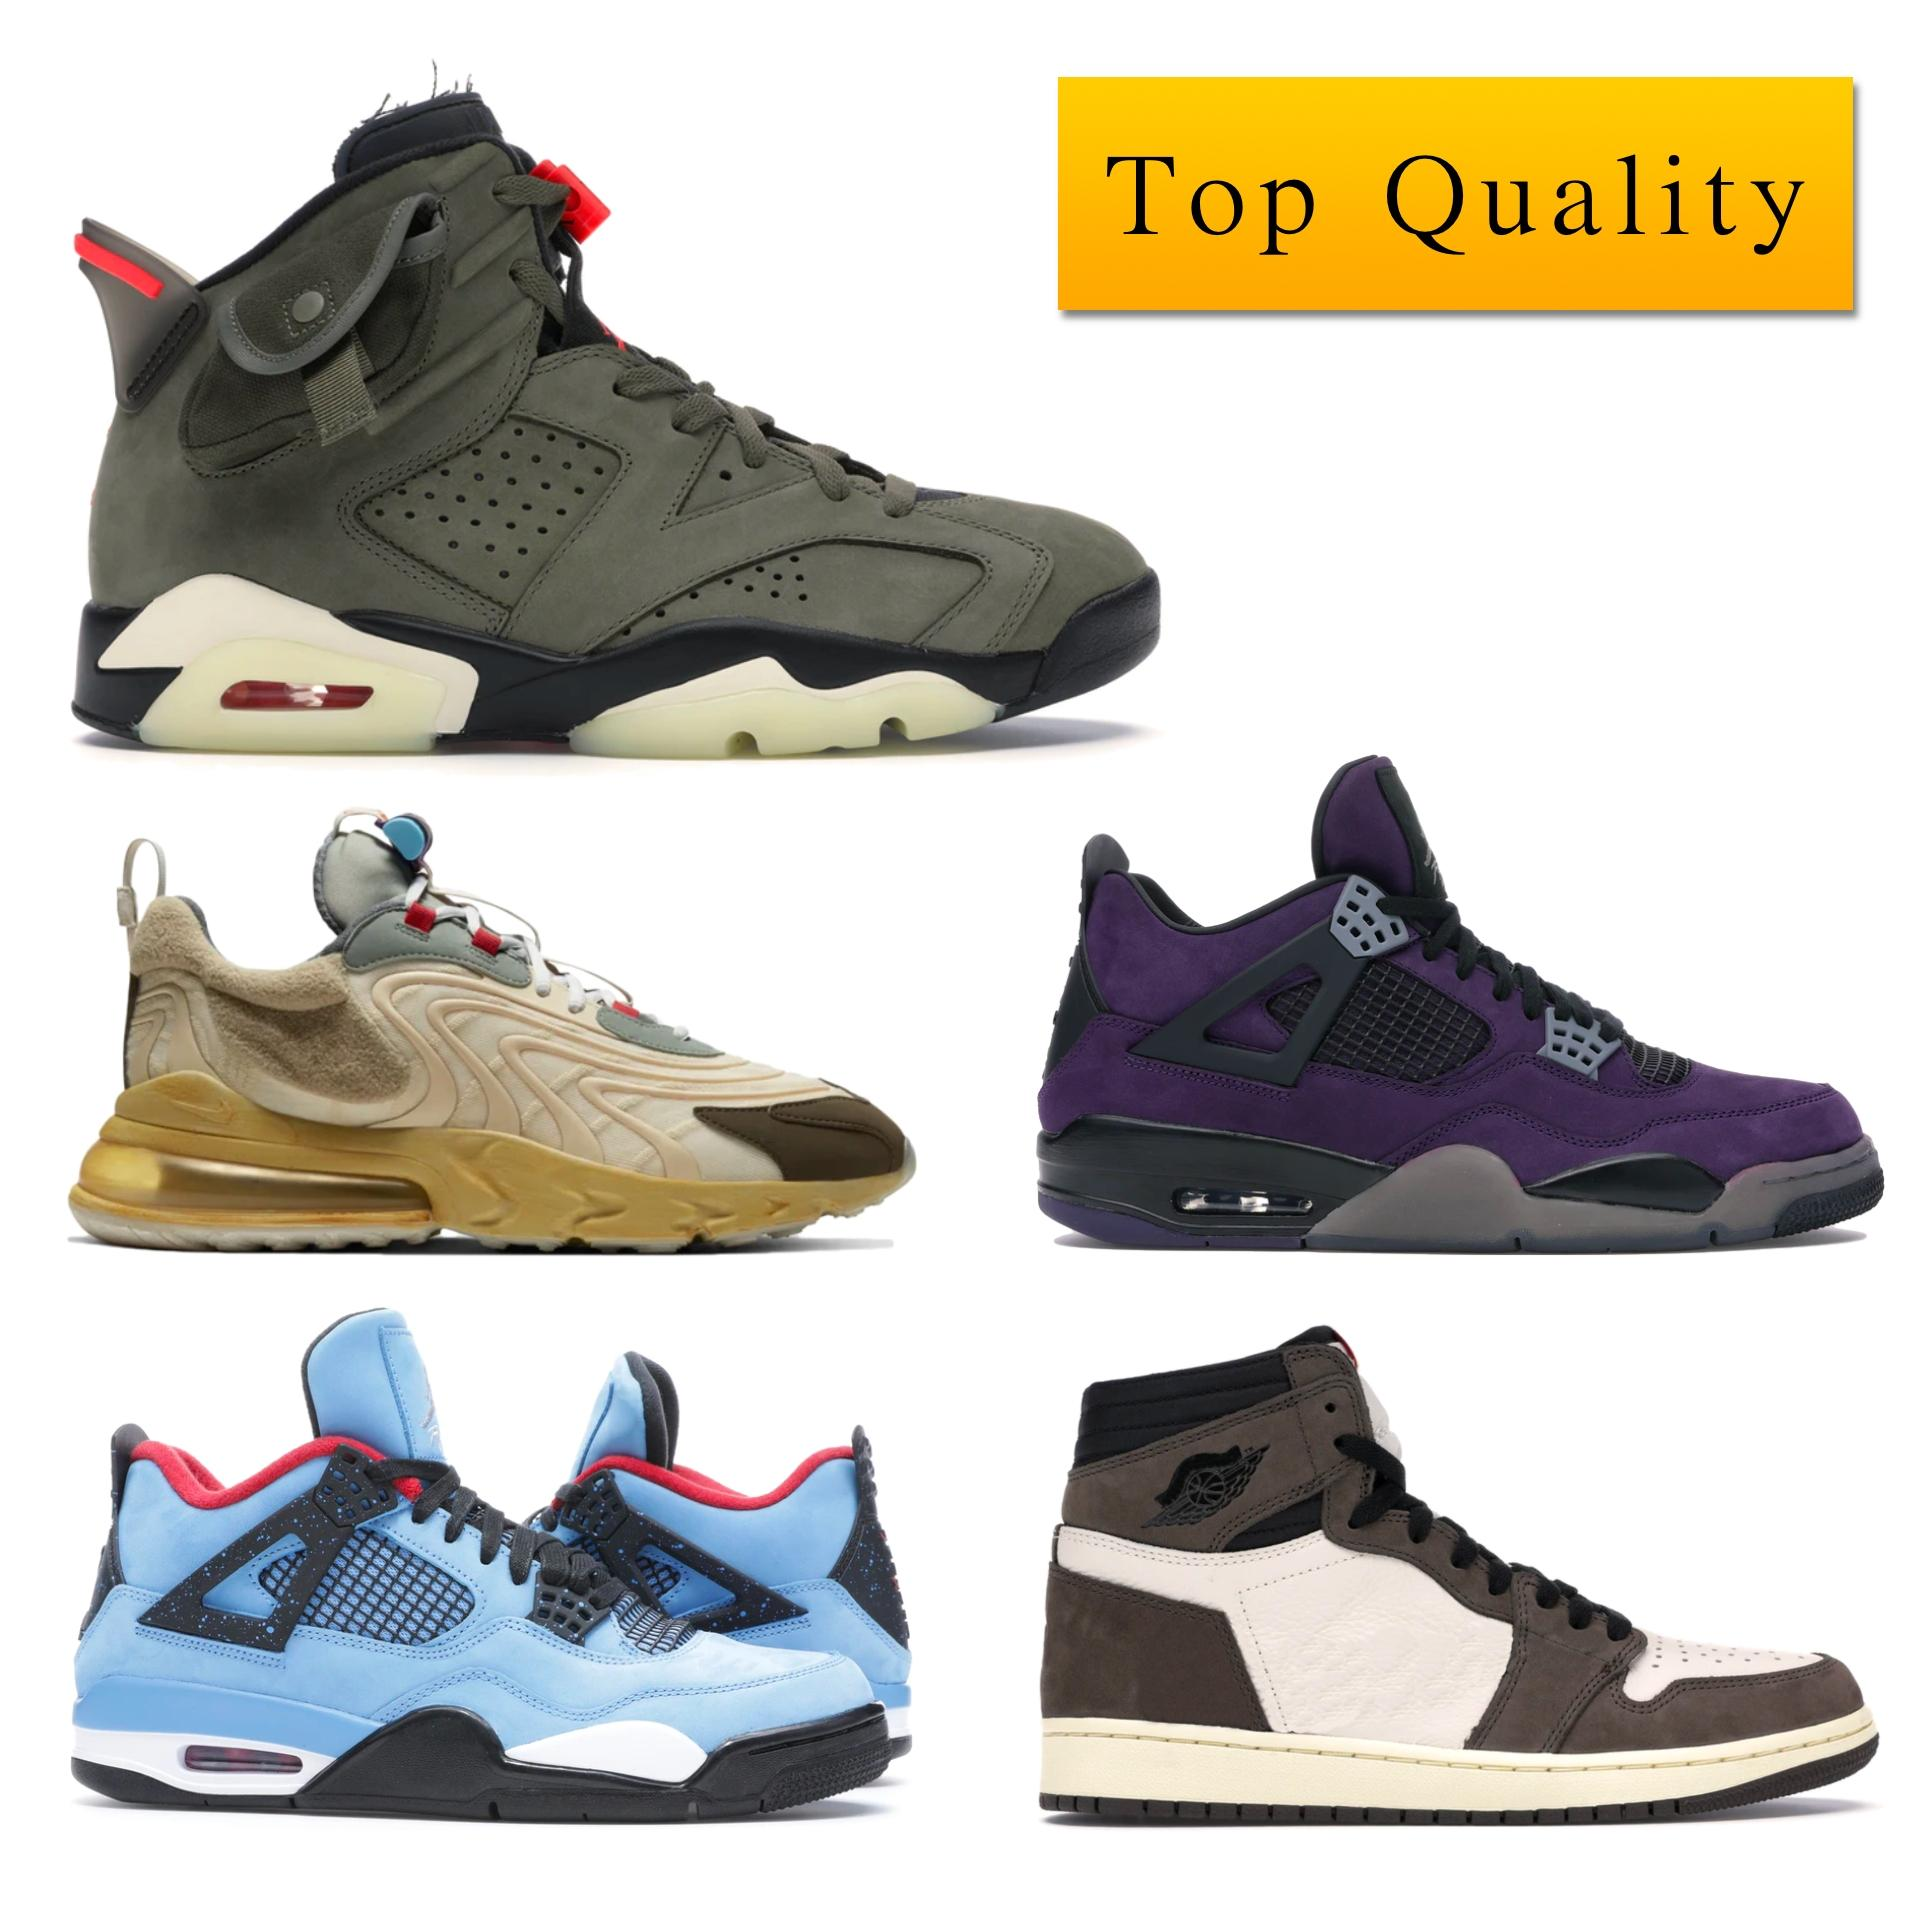 أعلى جودة مع صندوق J4 ريترو ترافيس سكوتس صبار جاك بيربل (الأصدقاء والعائلة) رجل حذاء رياضة 308٬497-406